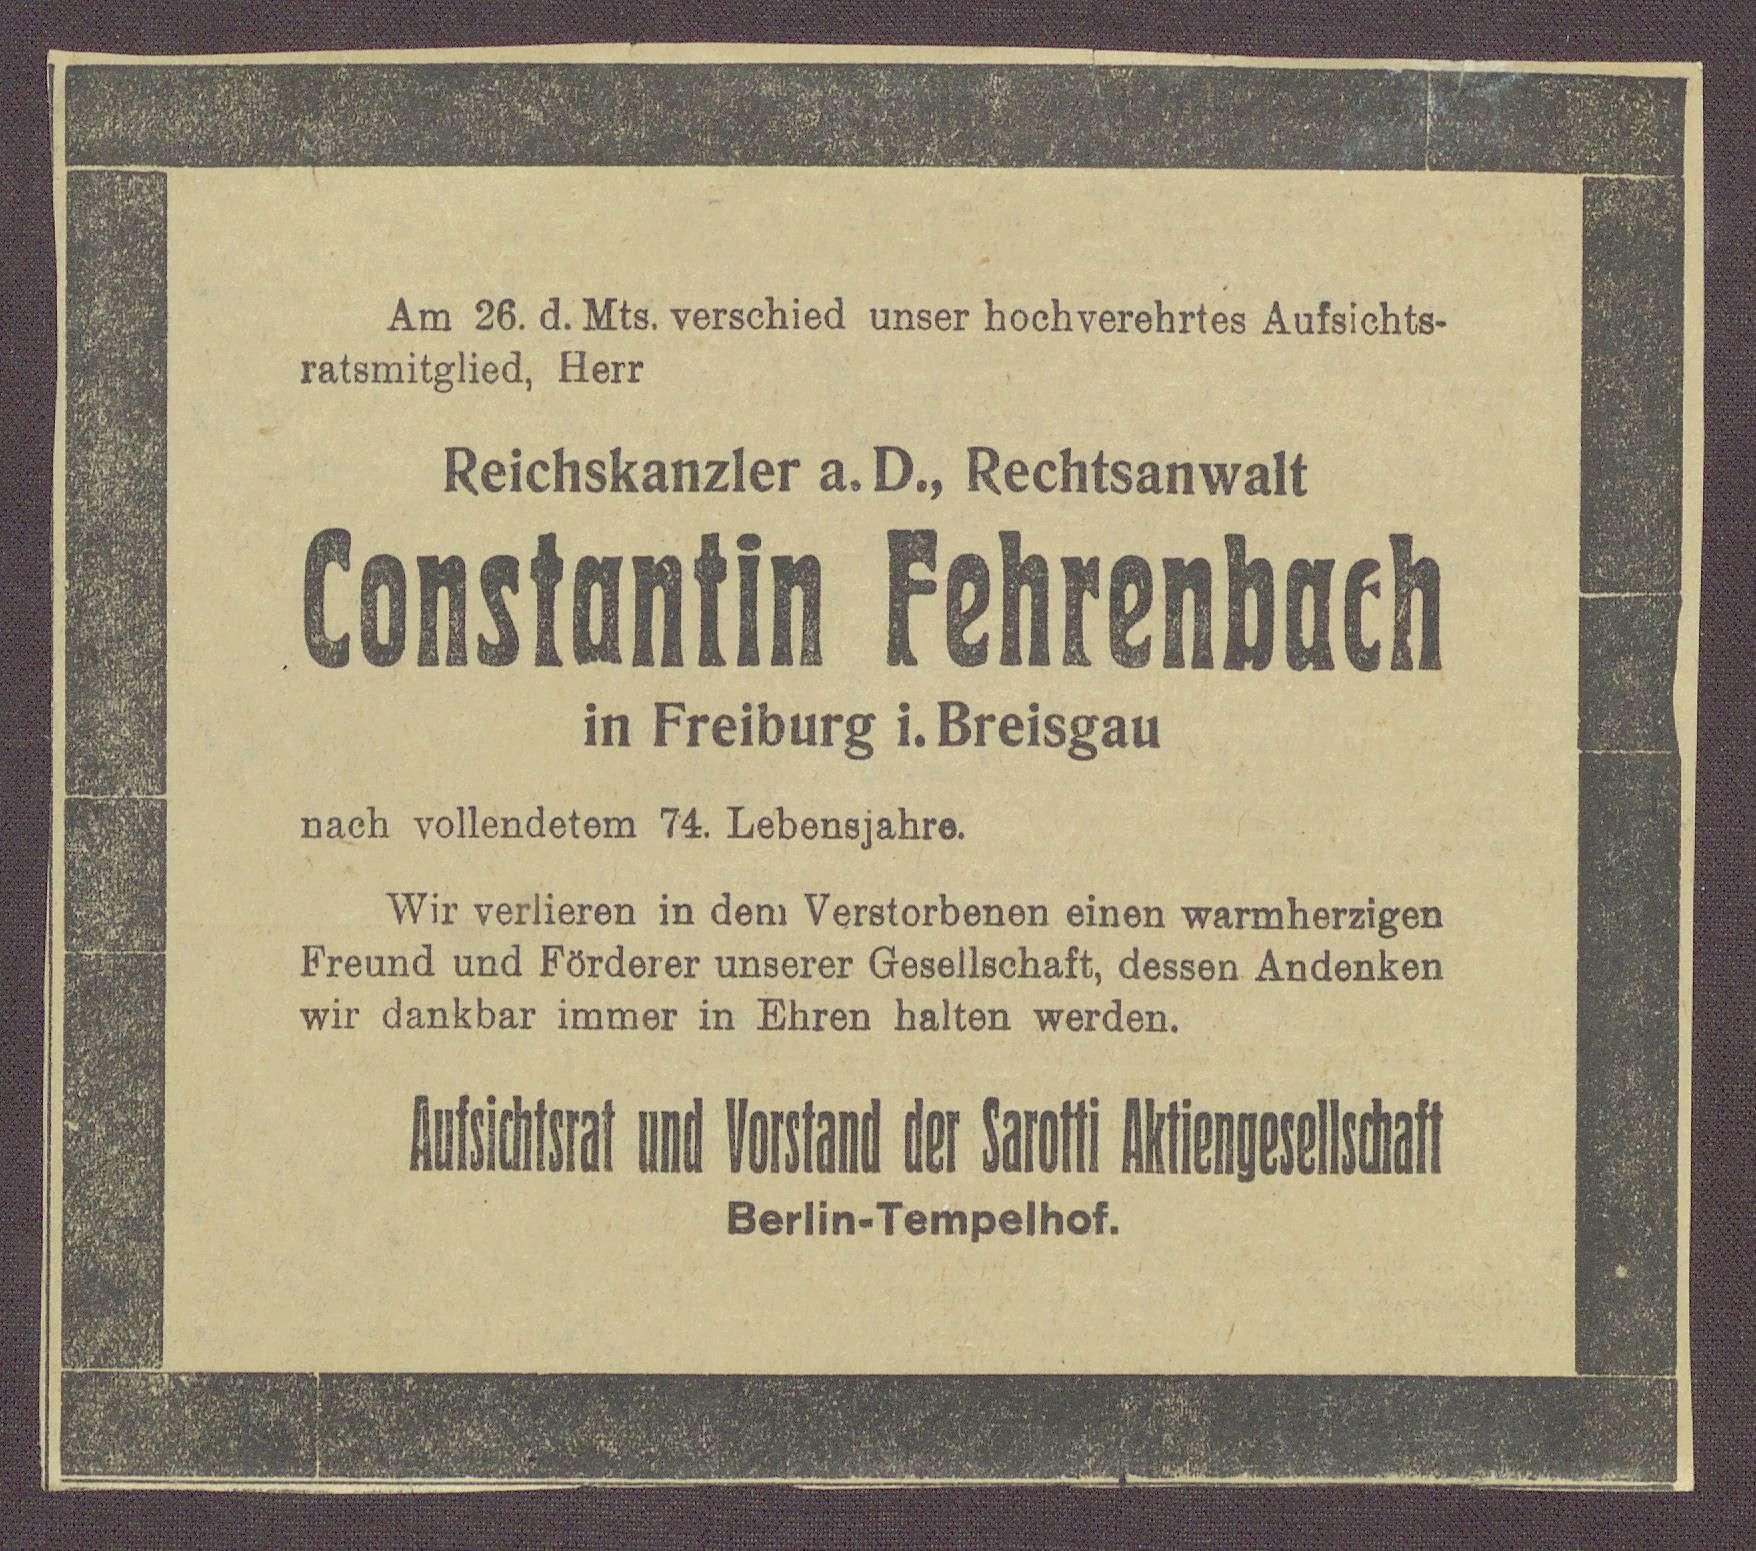 Beileidskundgebungen zum Tod von Constantin Fehrenbach, Bild 1